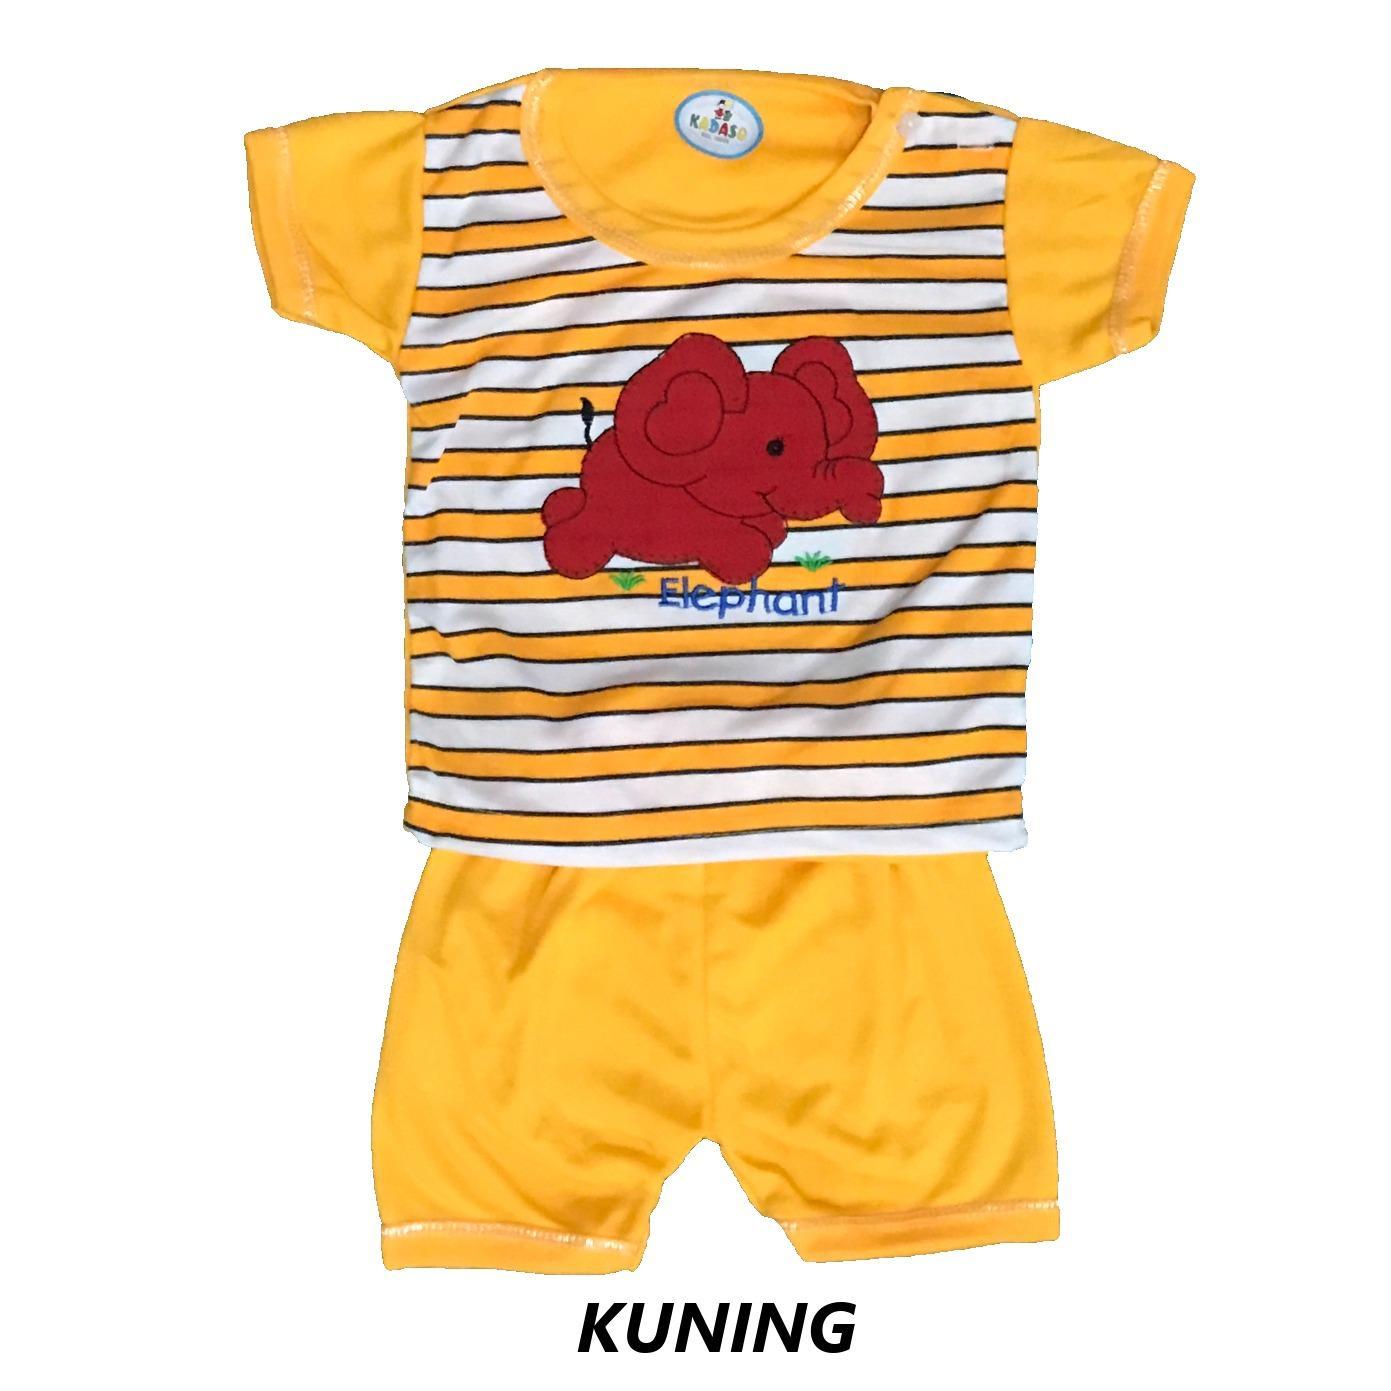 BAYIe - Setelan Kaos Oblong Lengan Pendek Bayi KADASO umur 4 - 18 bulan